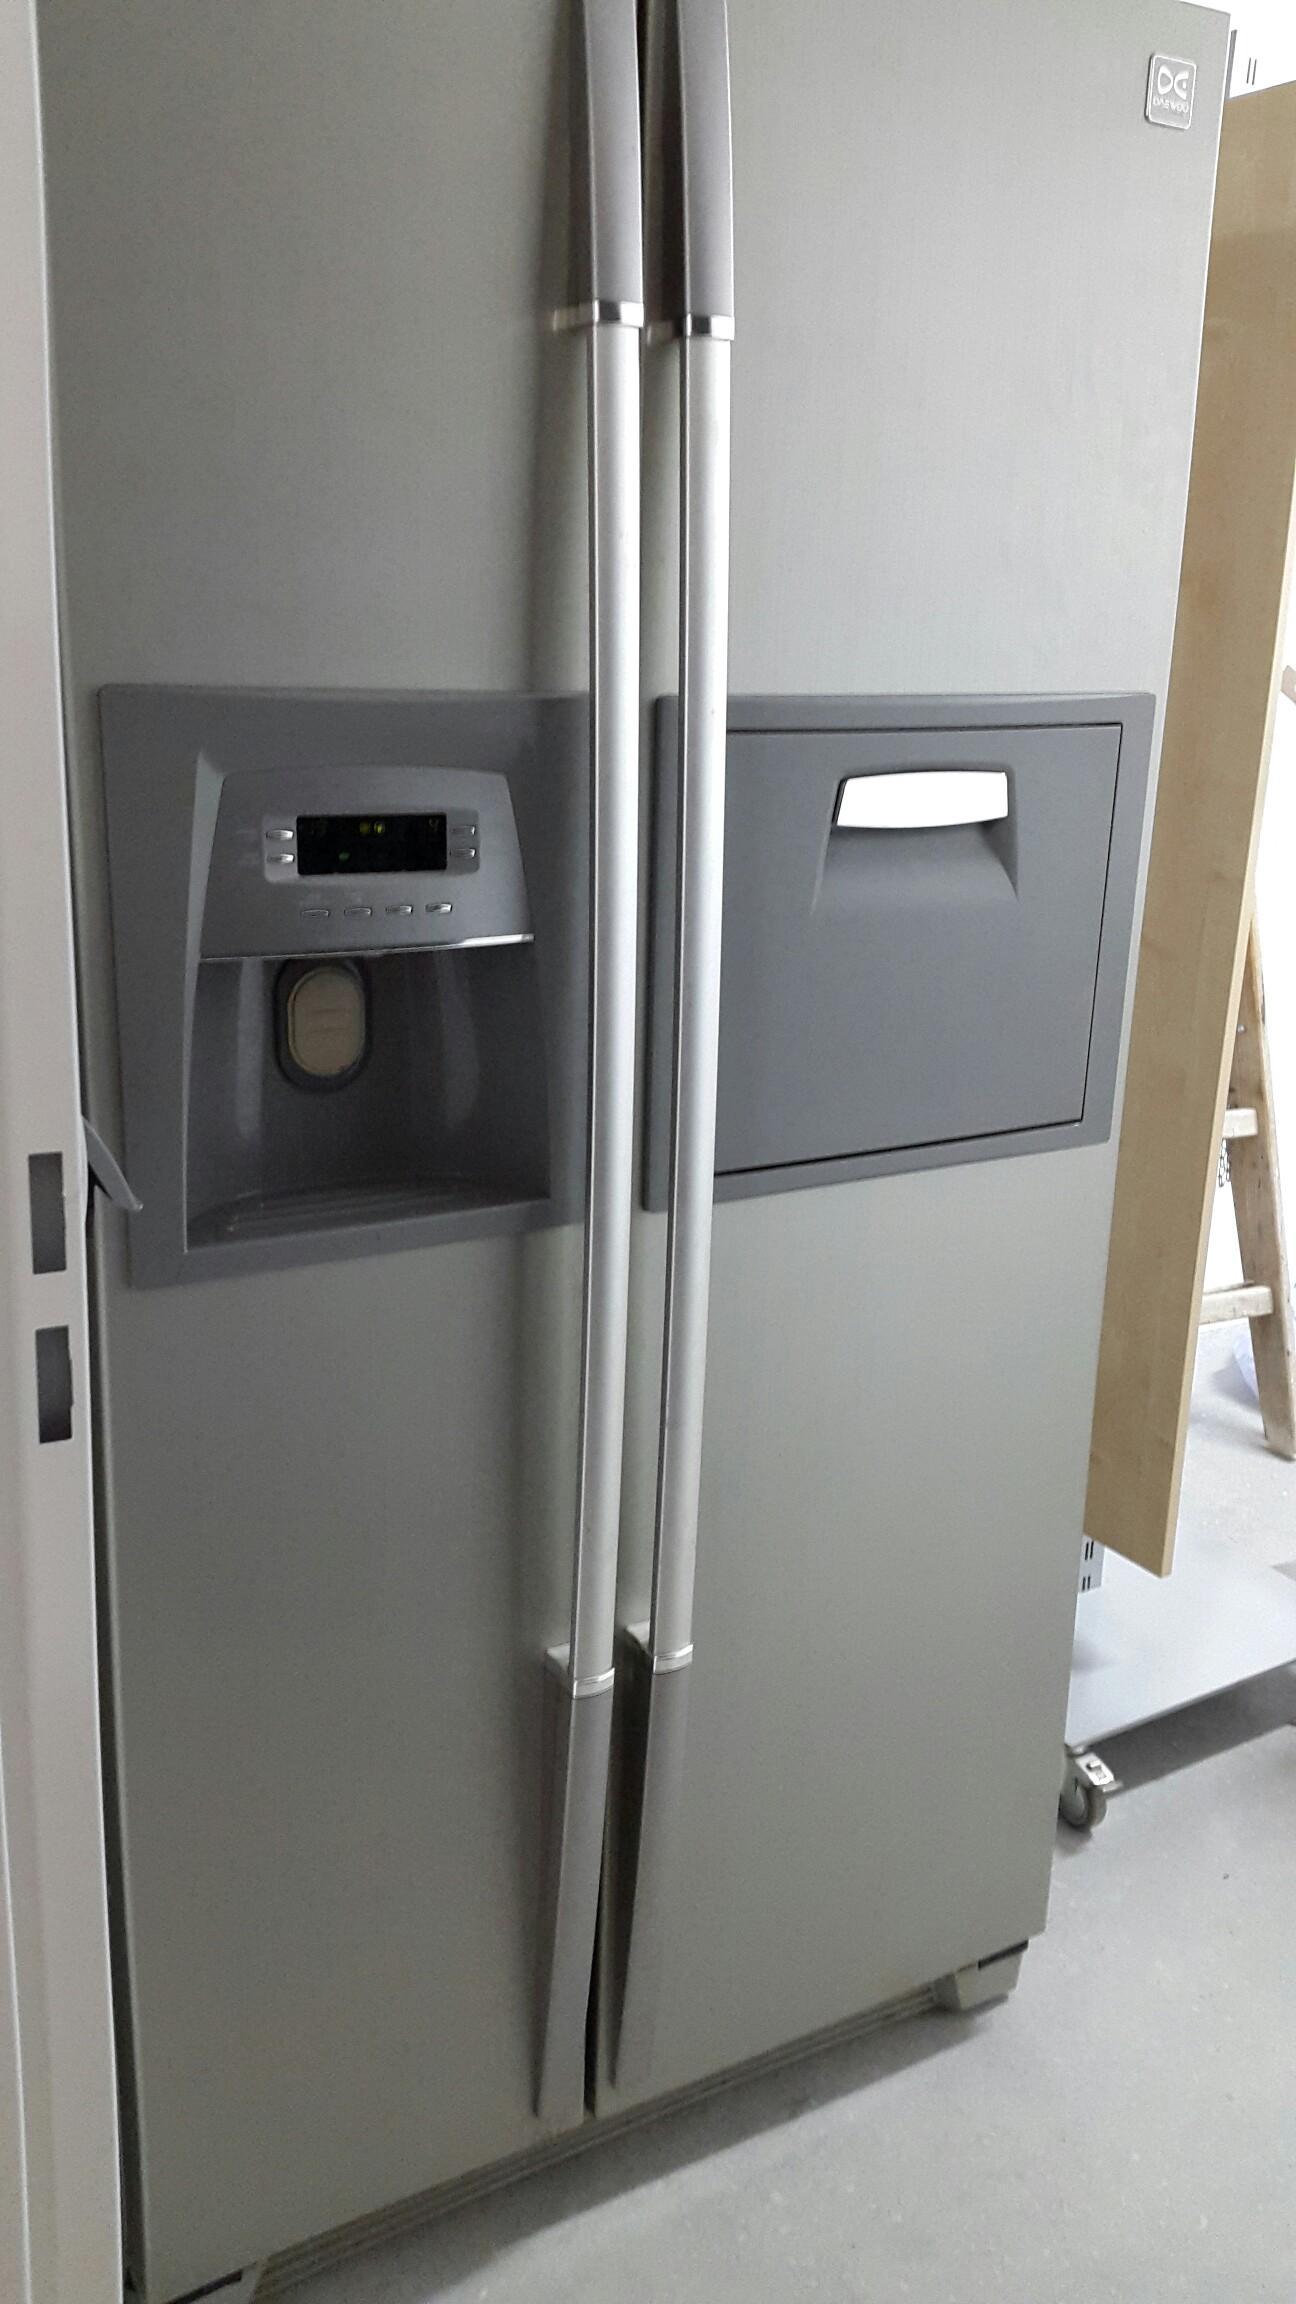 Daewoo Kühlschrank Side By Side : Daewoo electronics side by side kühlschrank: lüftermotor ventilator